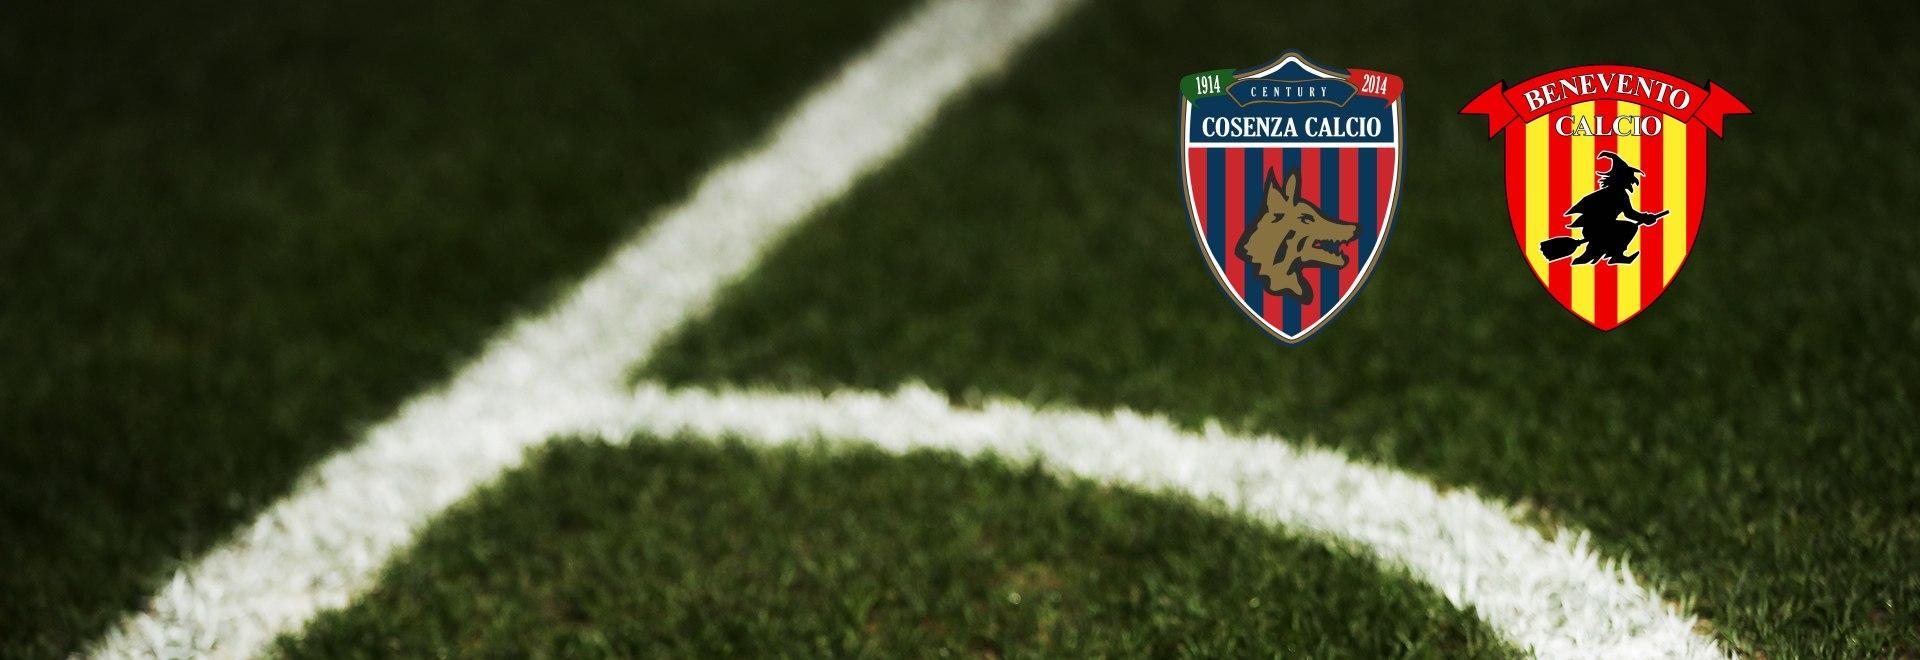 Cosenza - Benevento. 23a g.